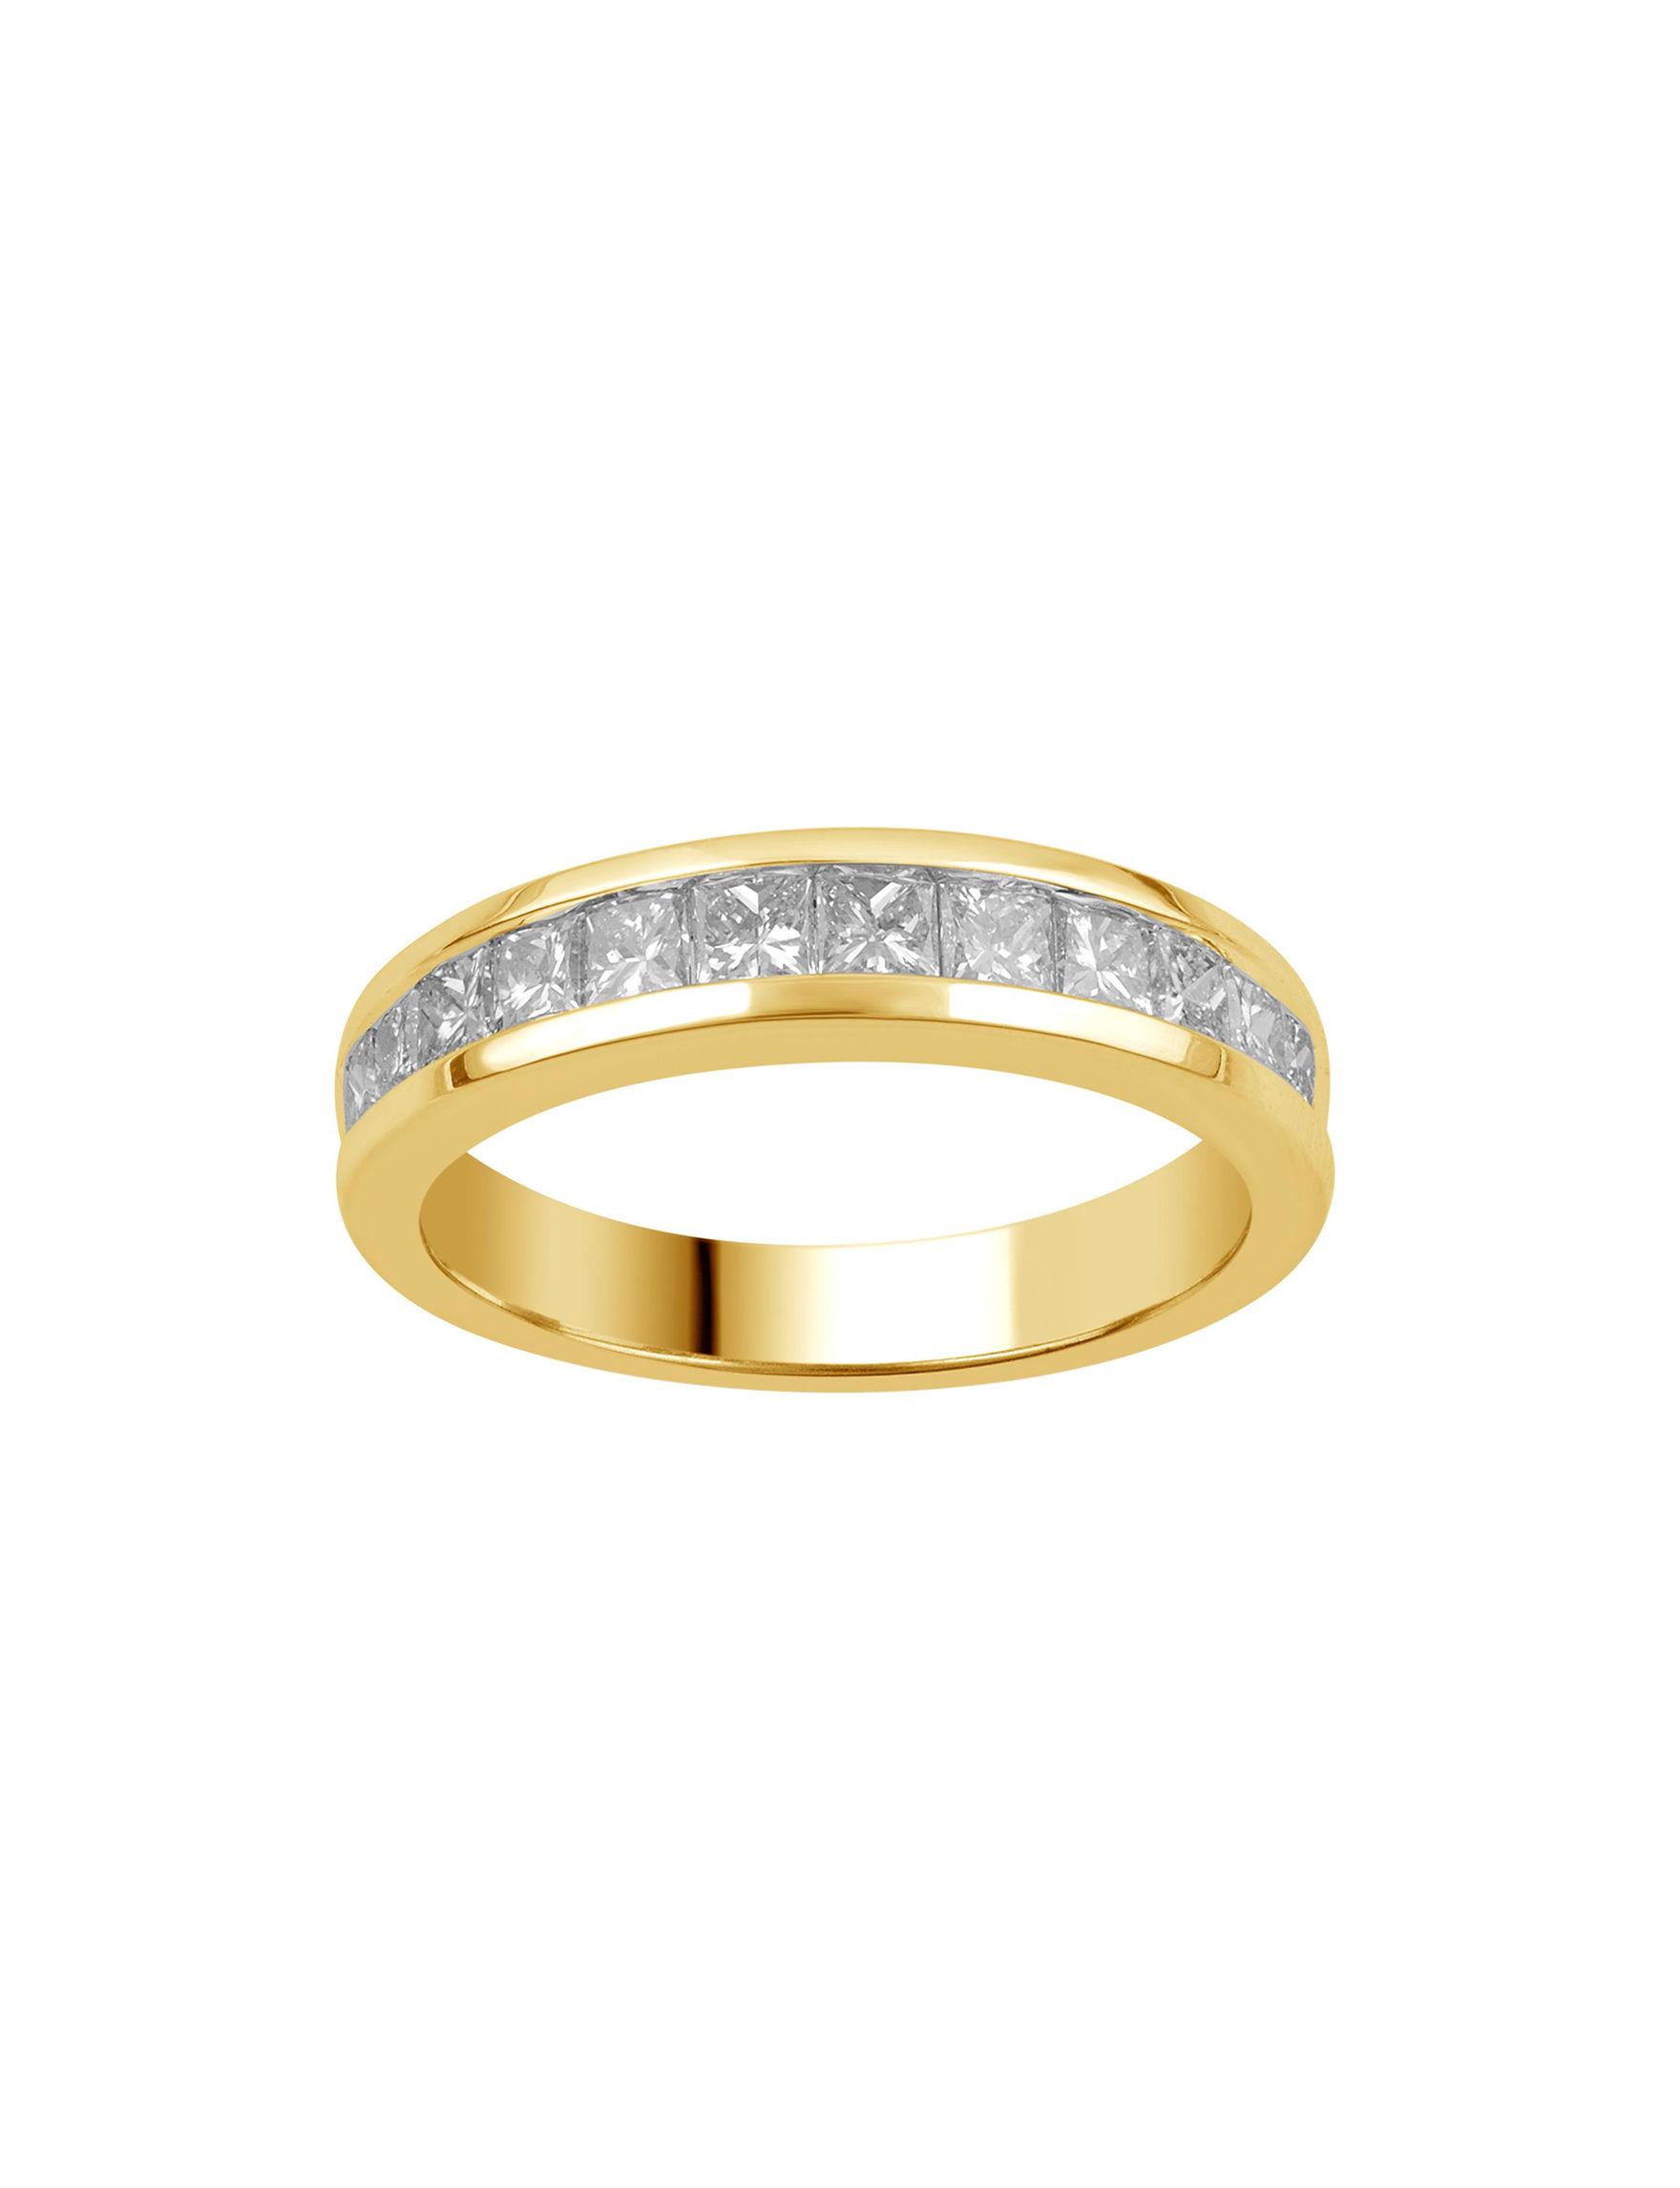 Brilliant Diamond Gold Rings Fine Jewelry